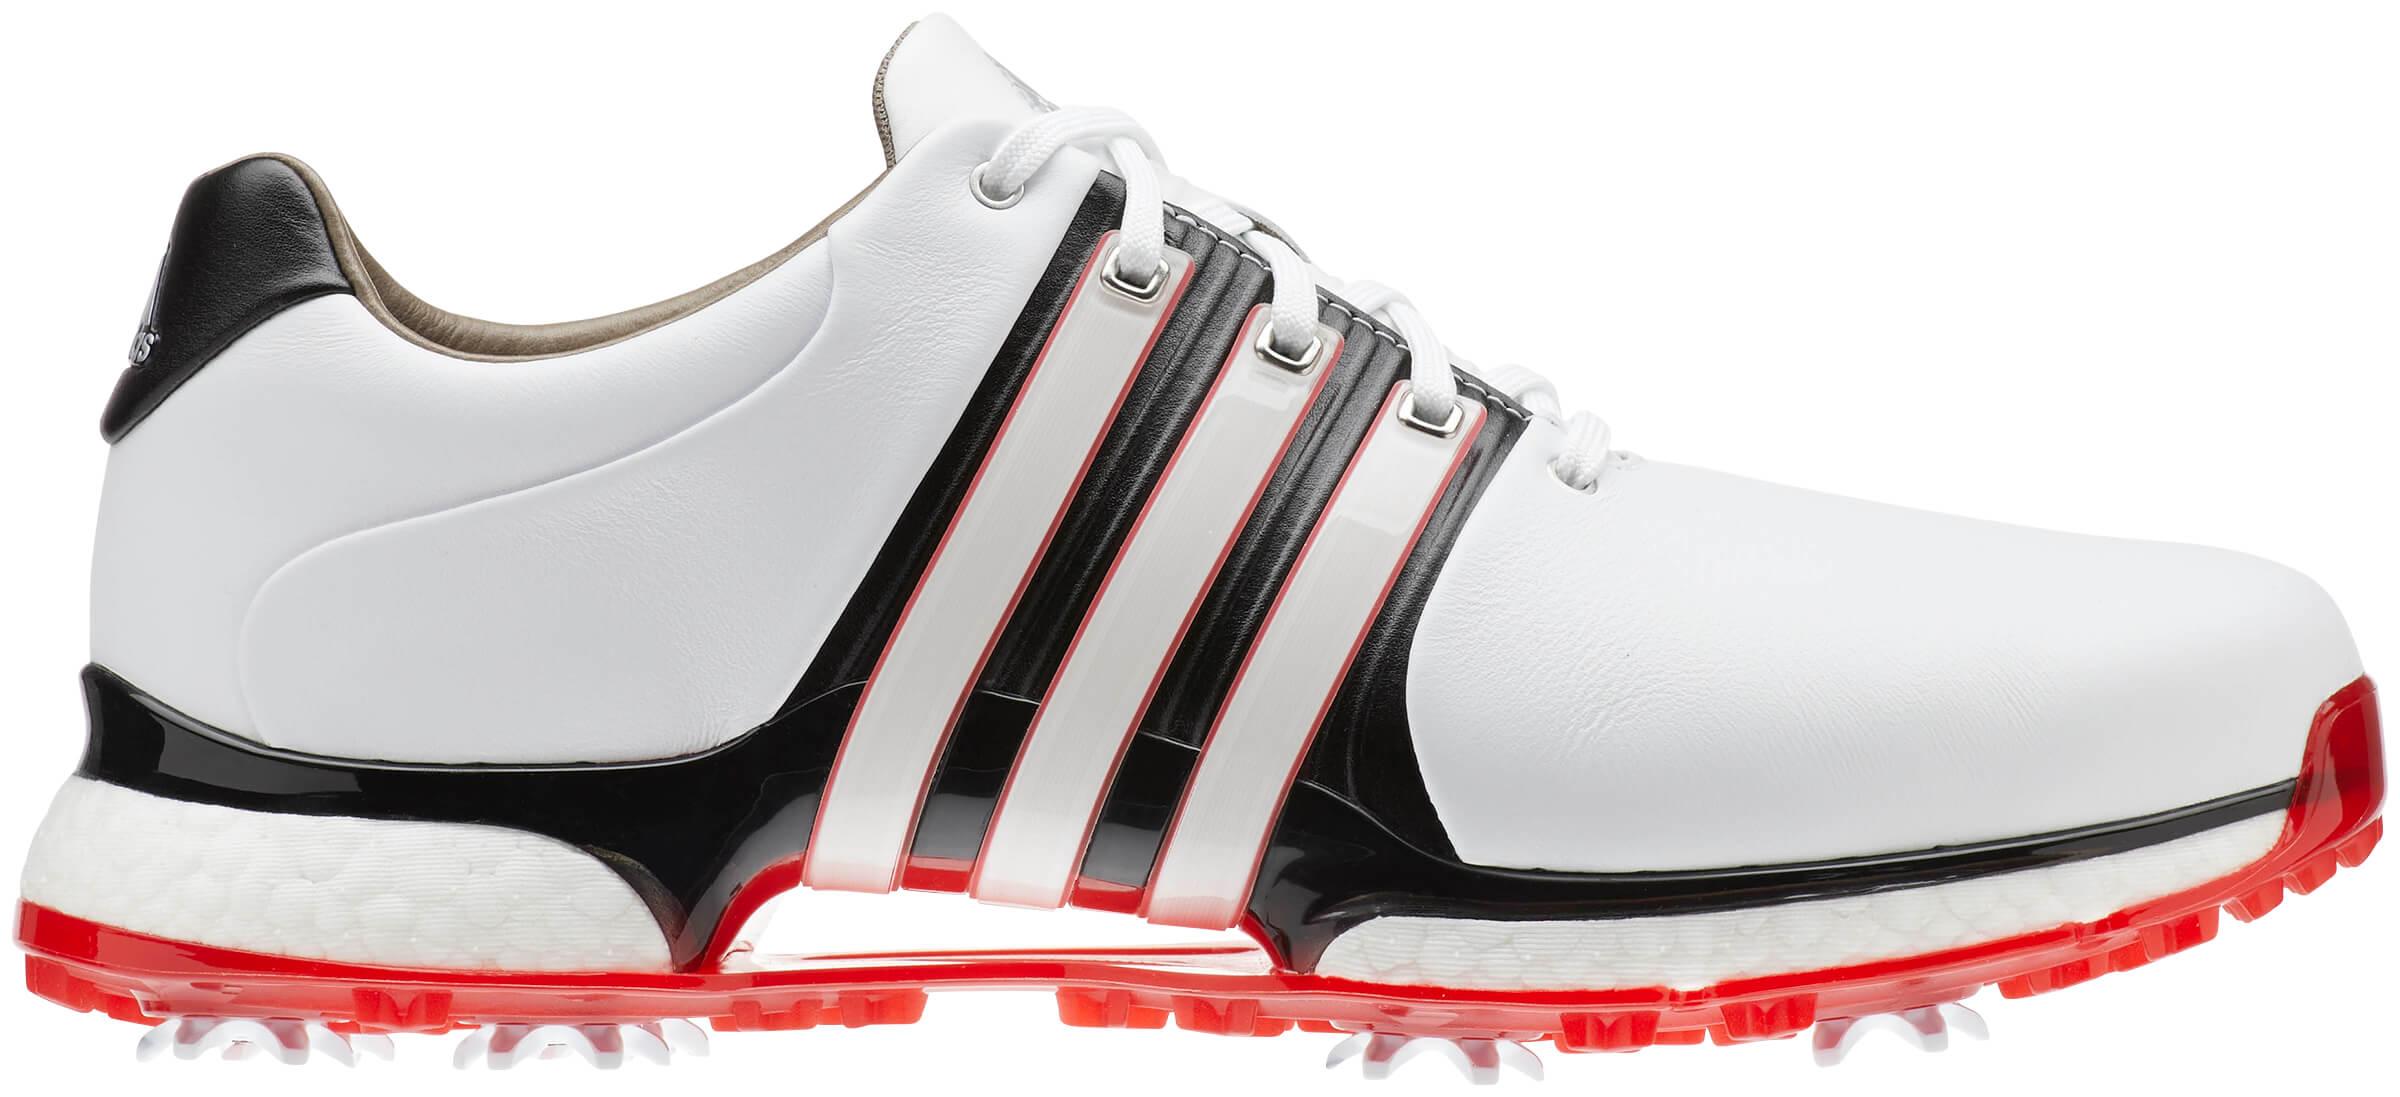 reputable site 3d612 4f210 Details about Adidas Tour 360 XT Golf Shoes White Black Scarlet Men s 2019  New - Choose Size!